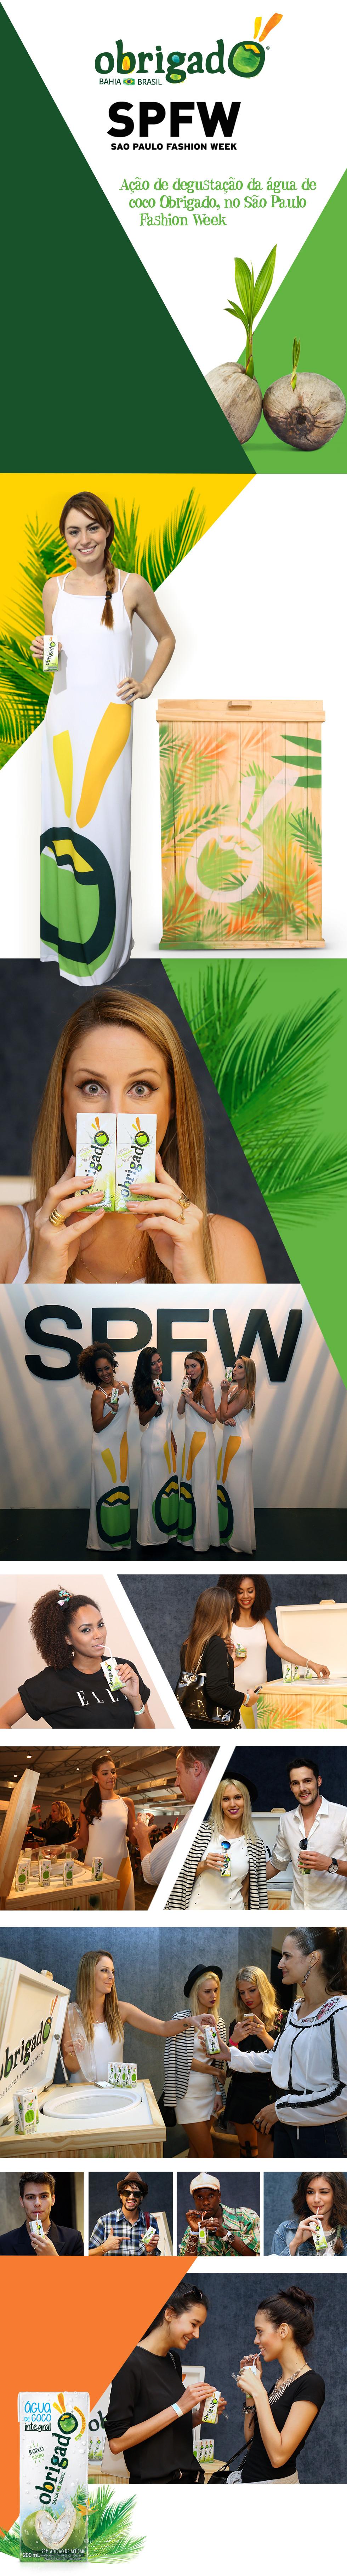 SPFW_OBRIGADO.jpg